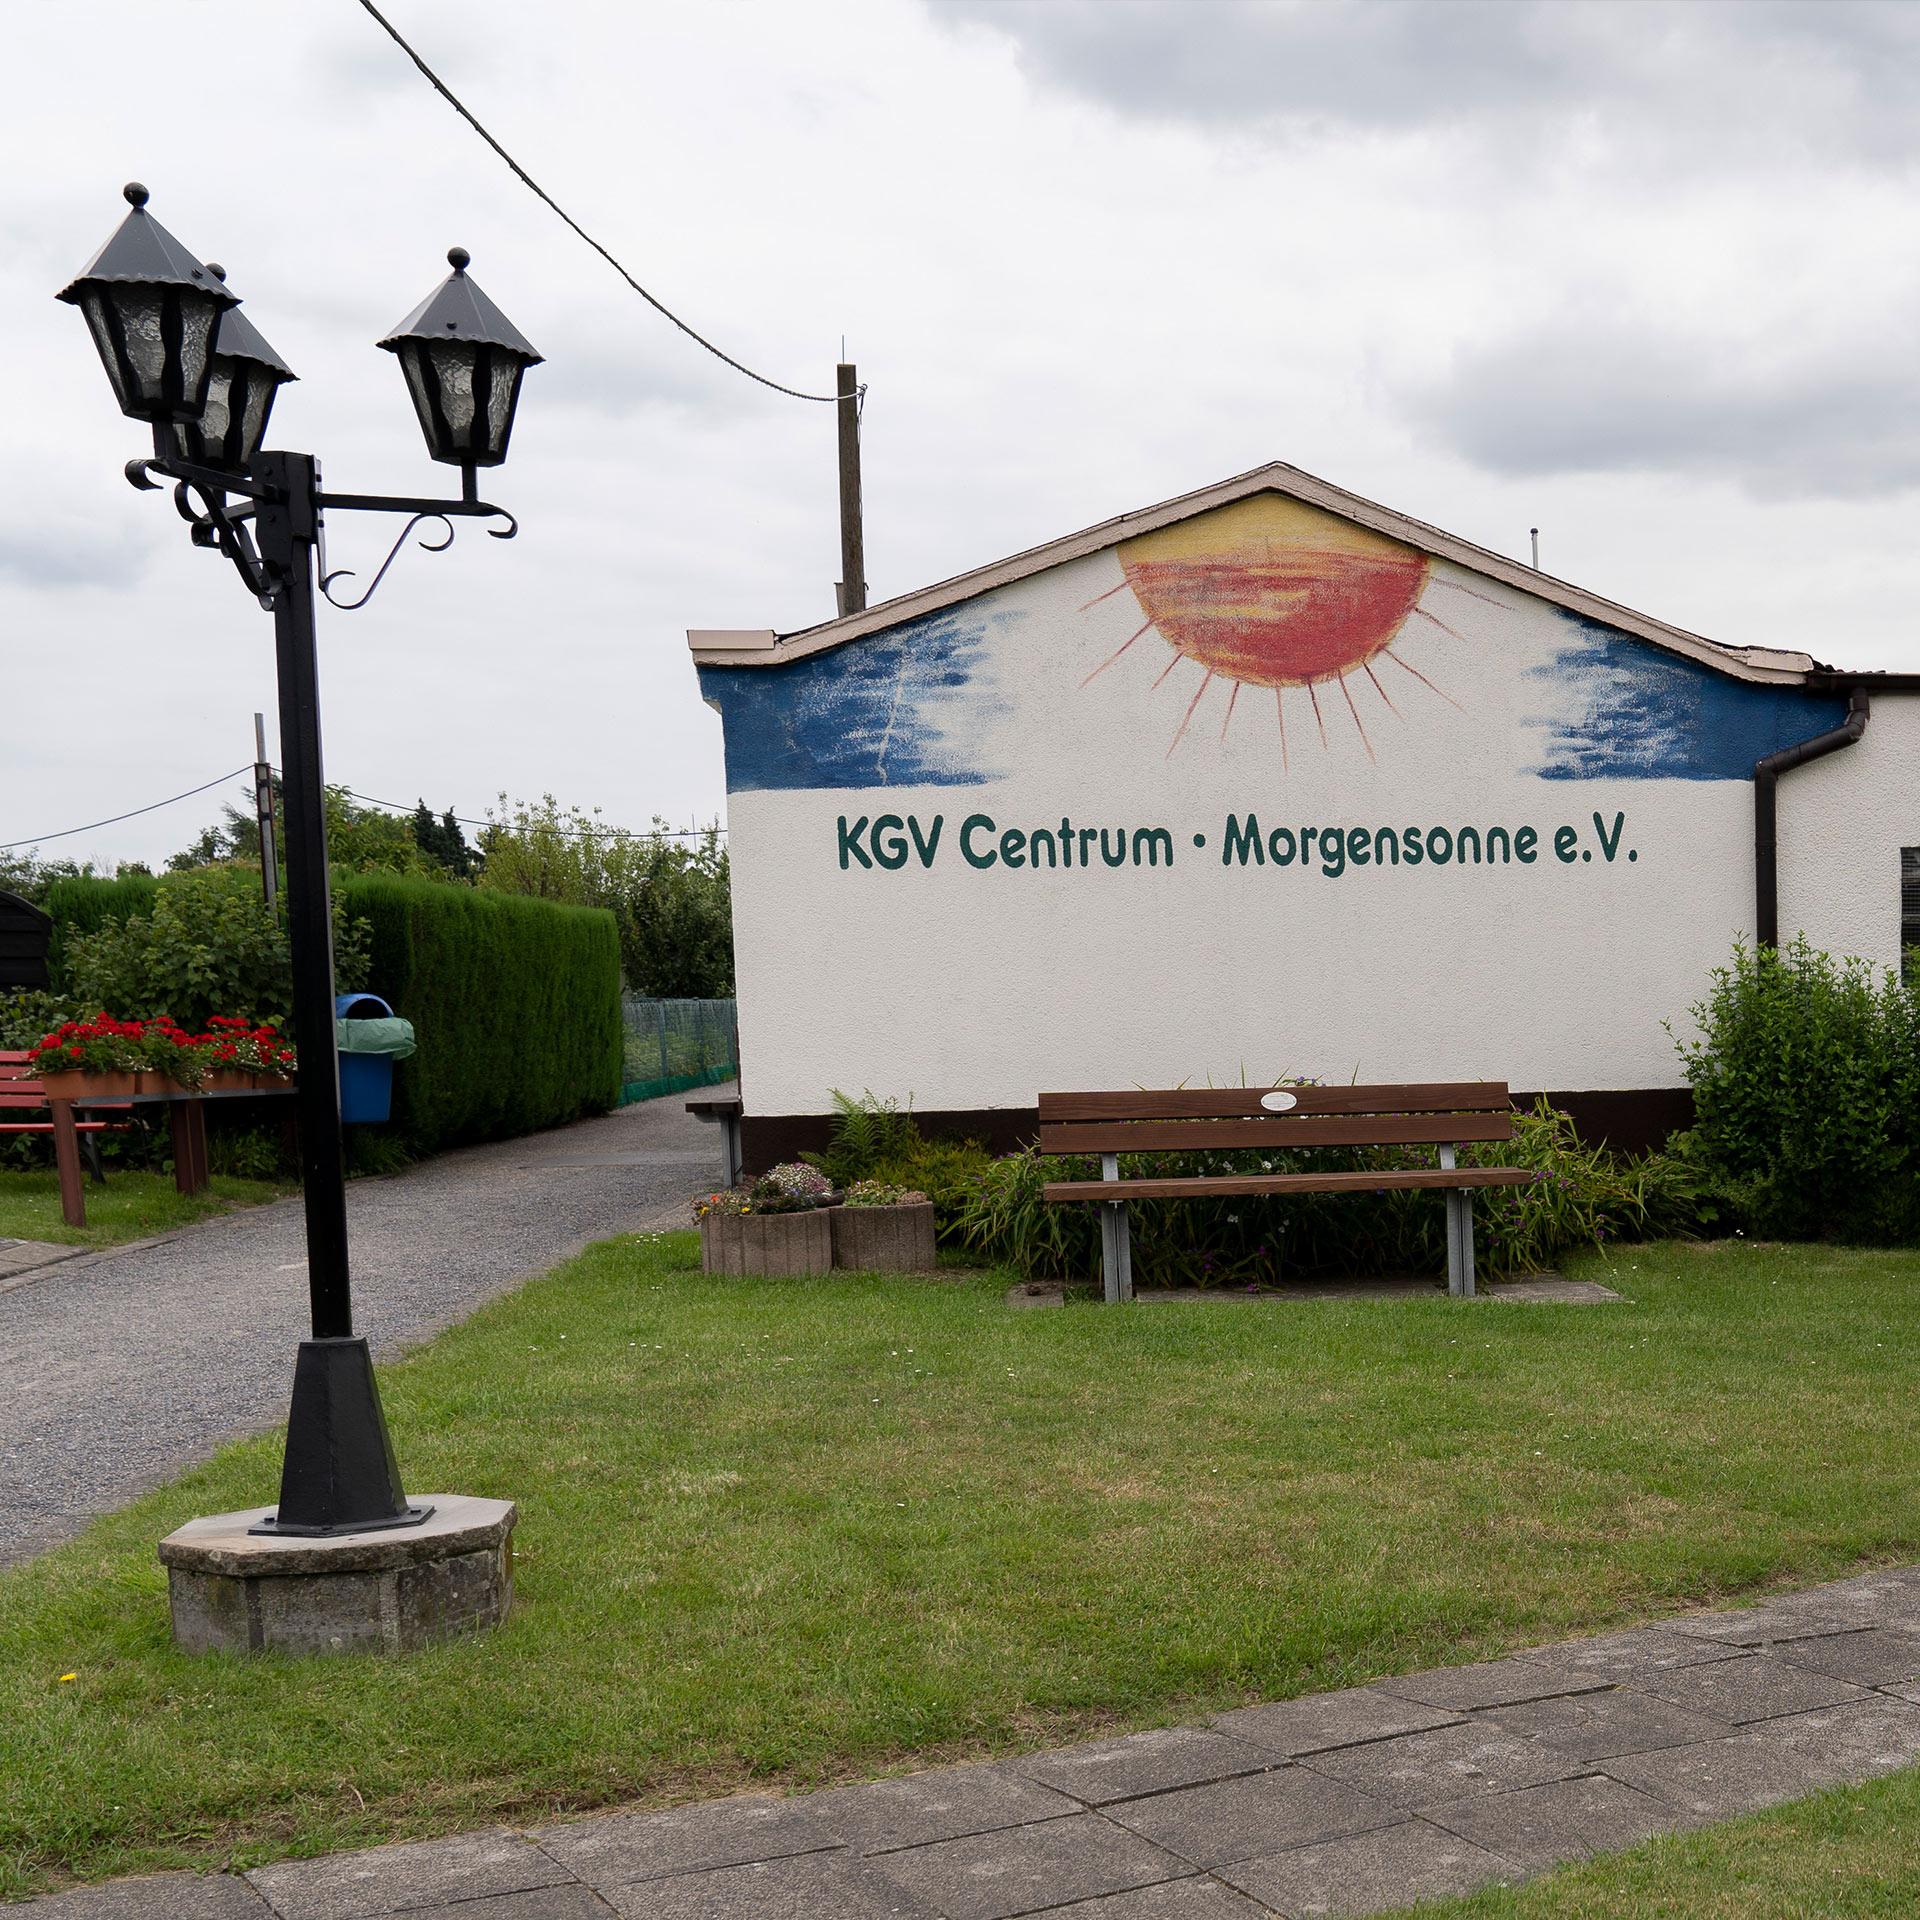 Kleingartenverein Centrum Morgensonne